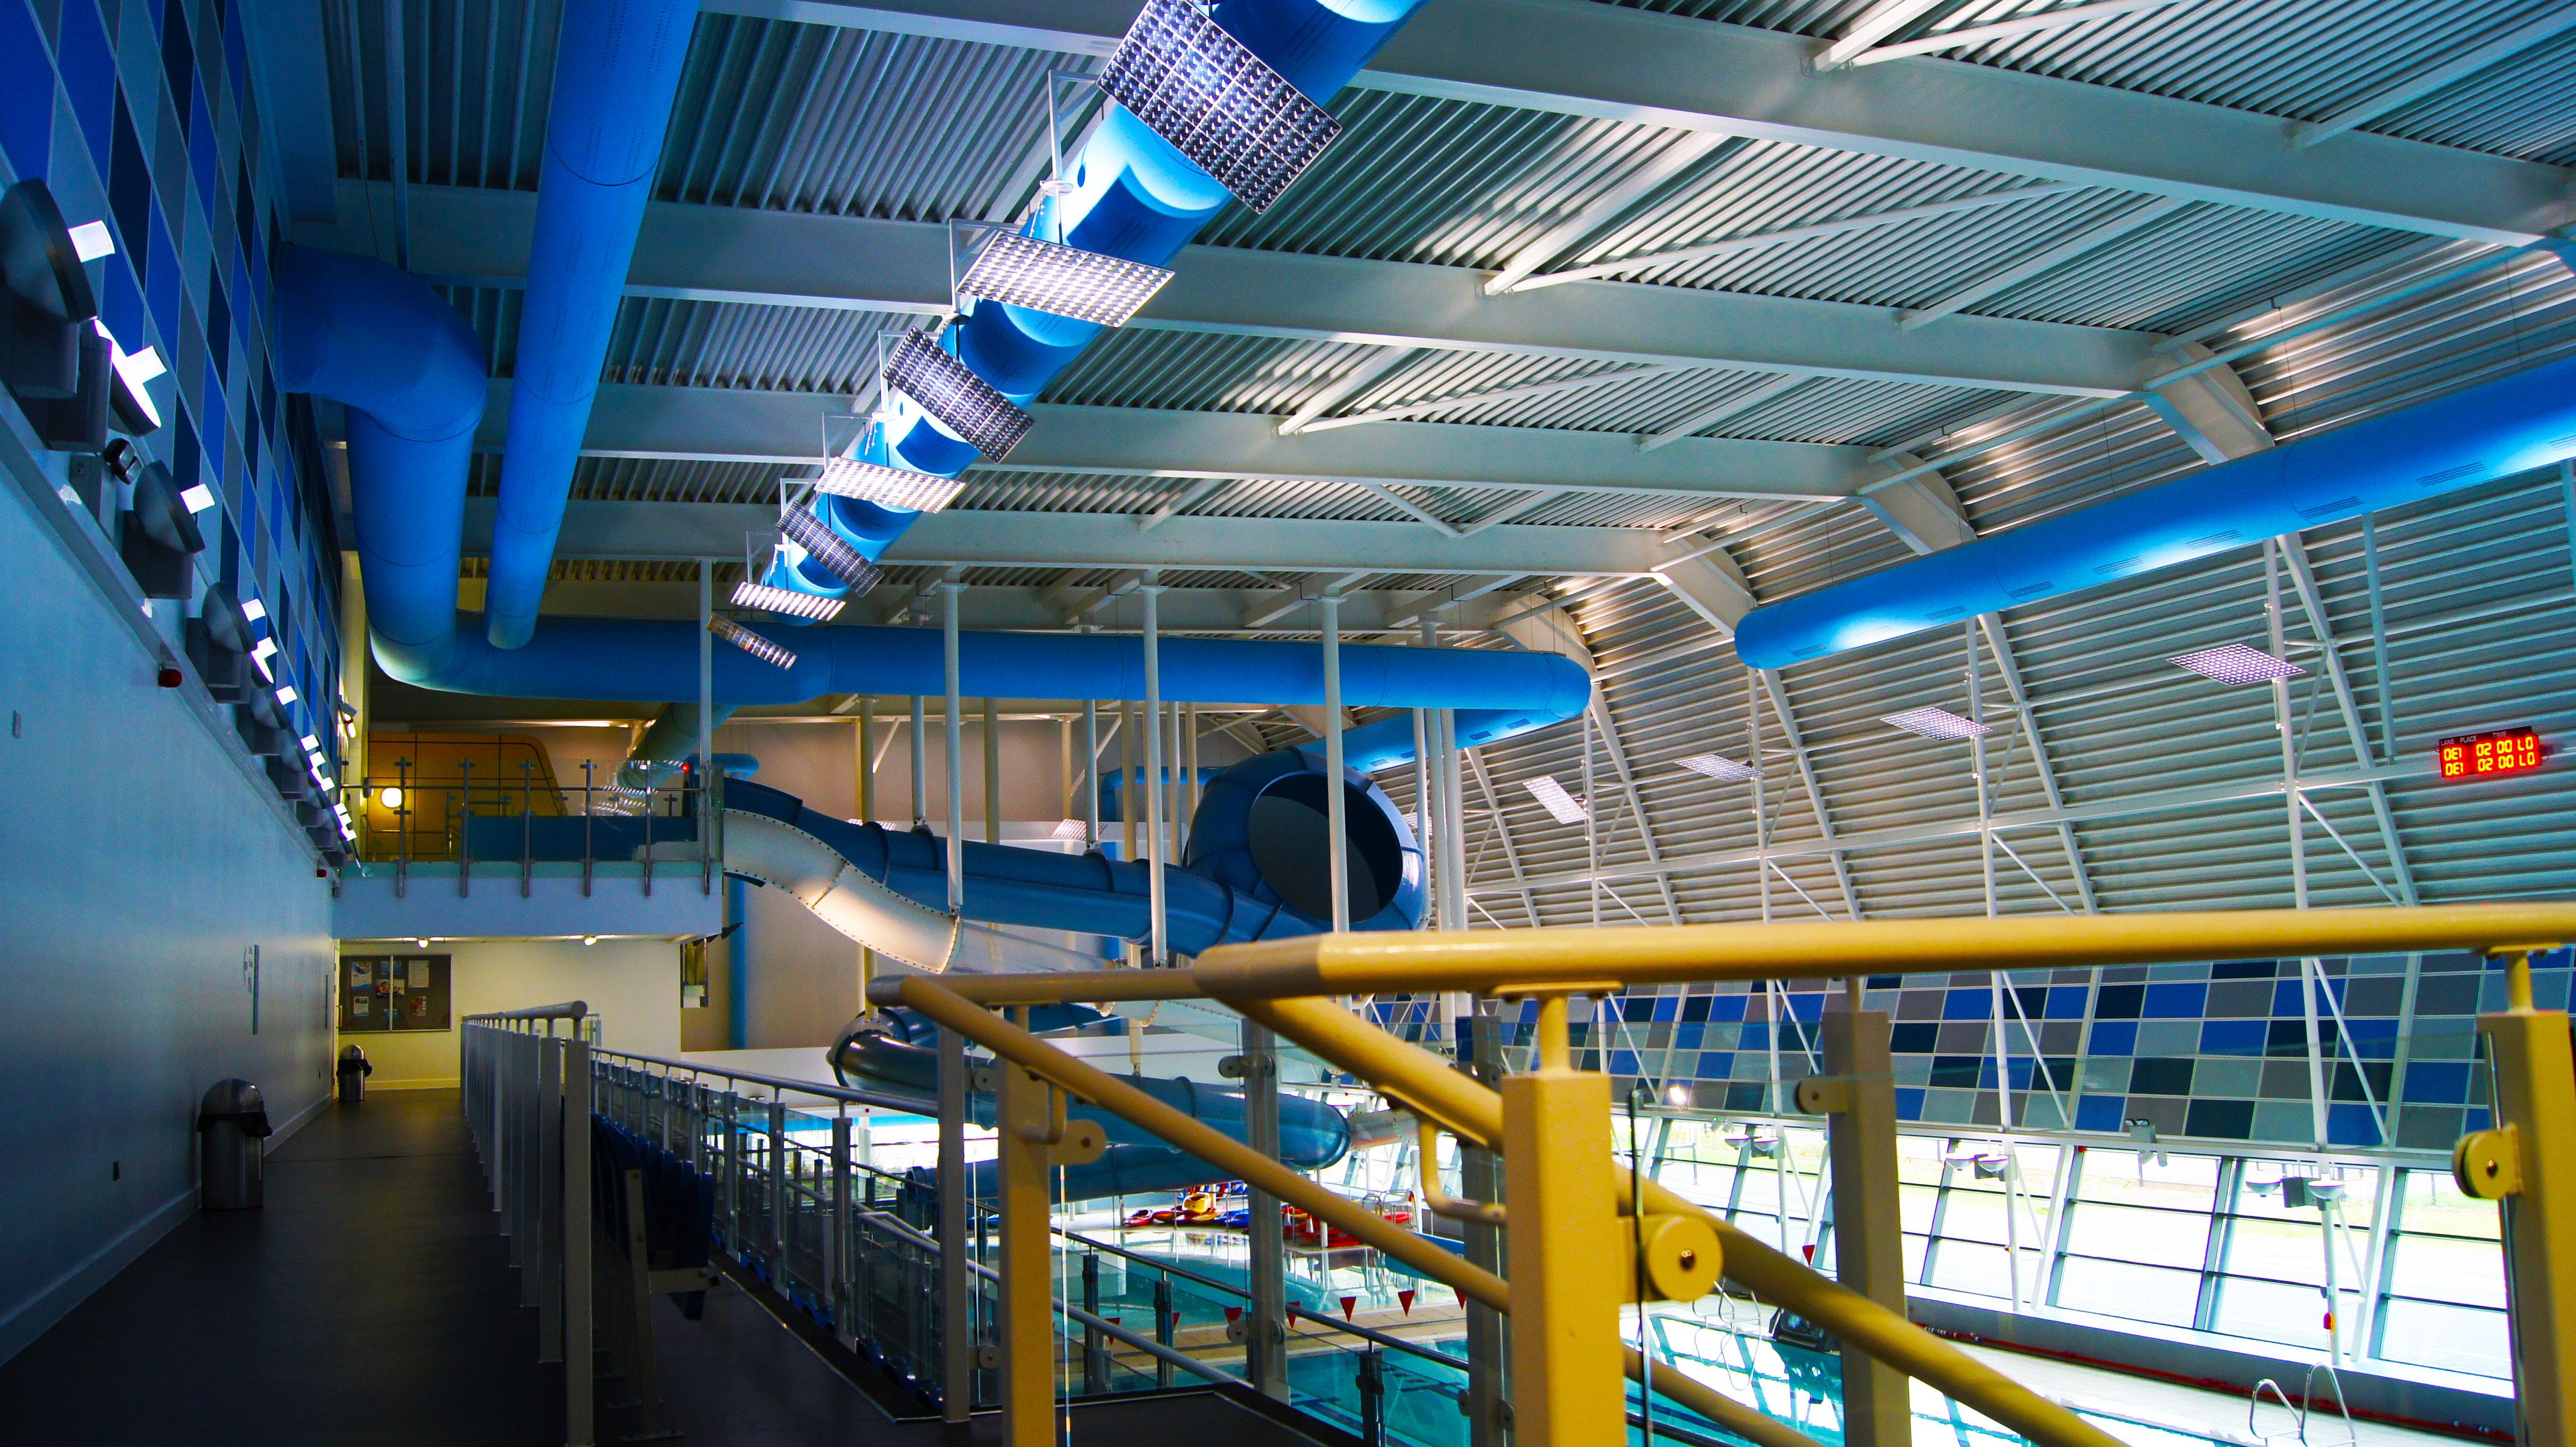 kumaş kanal kapalı havuz uygulama